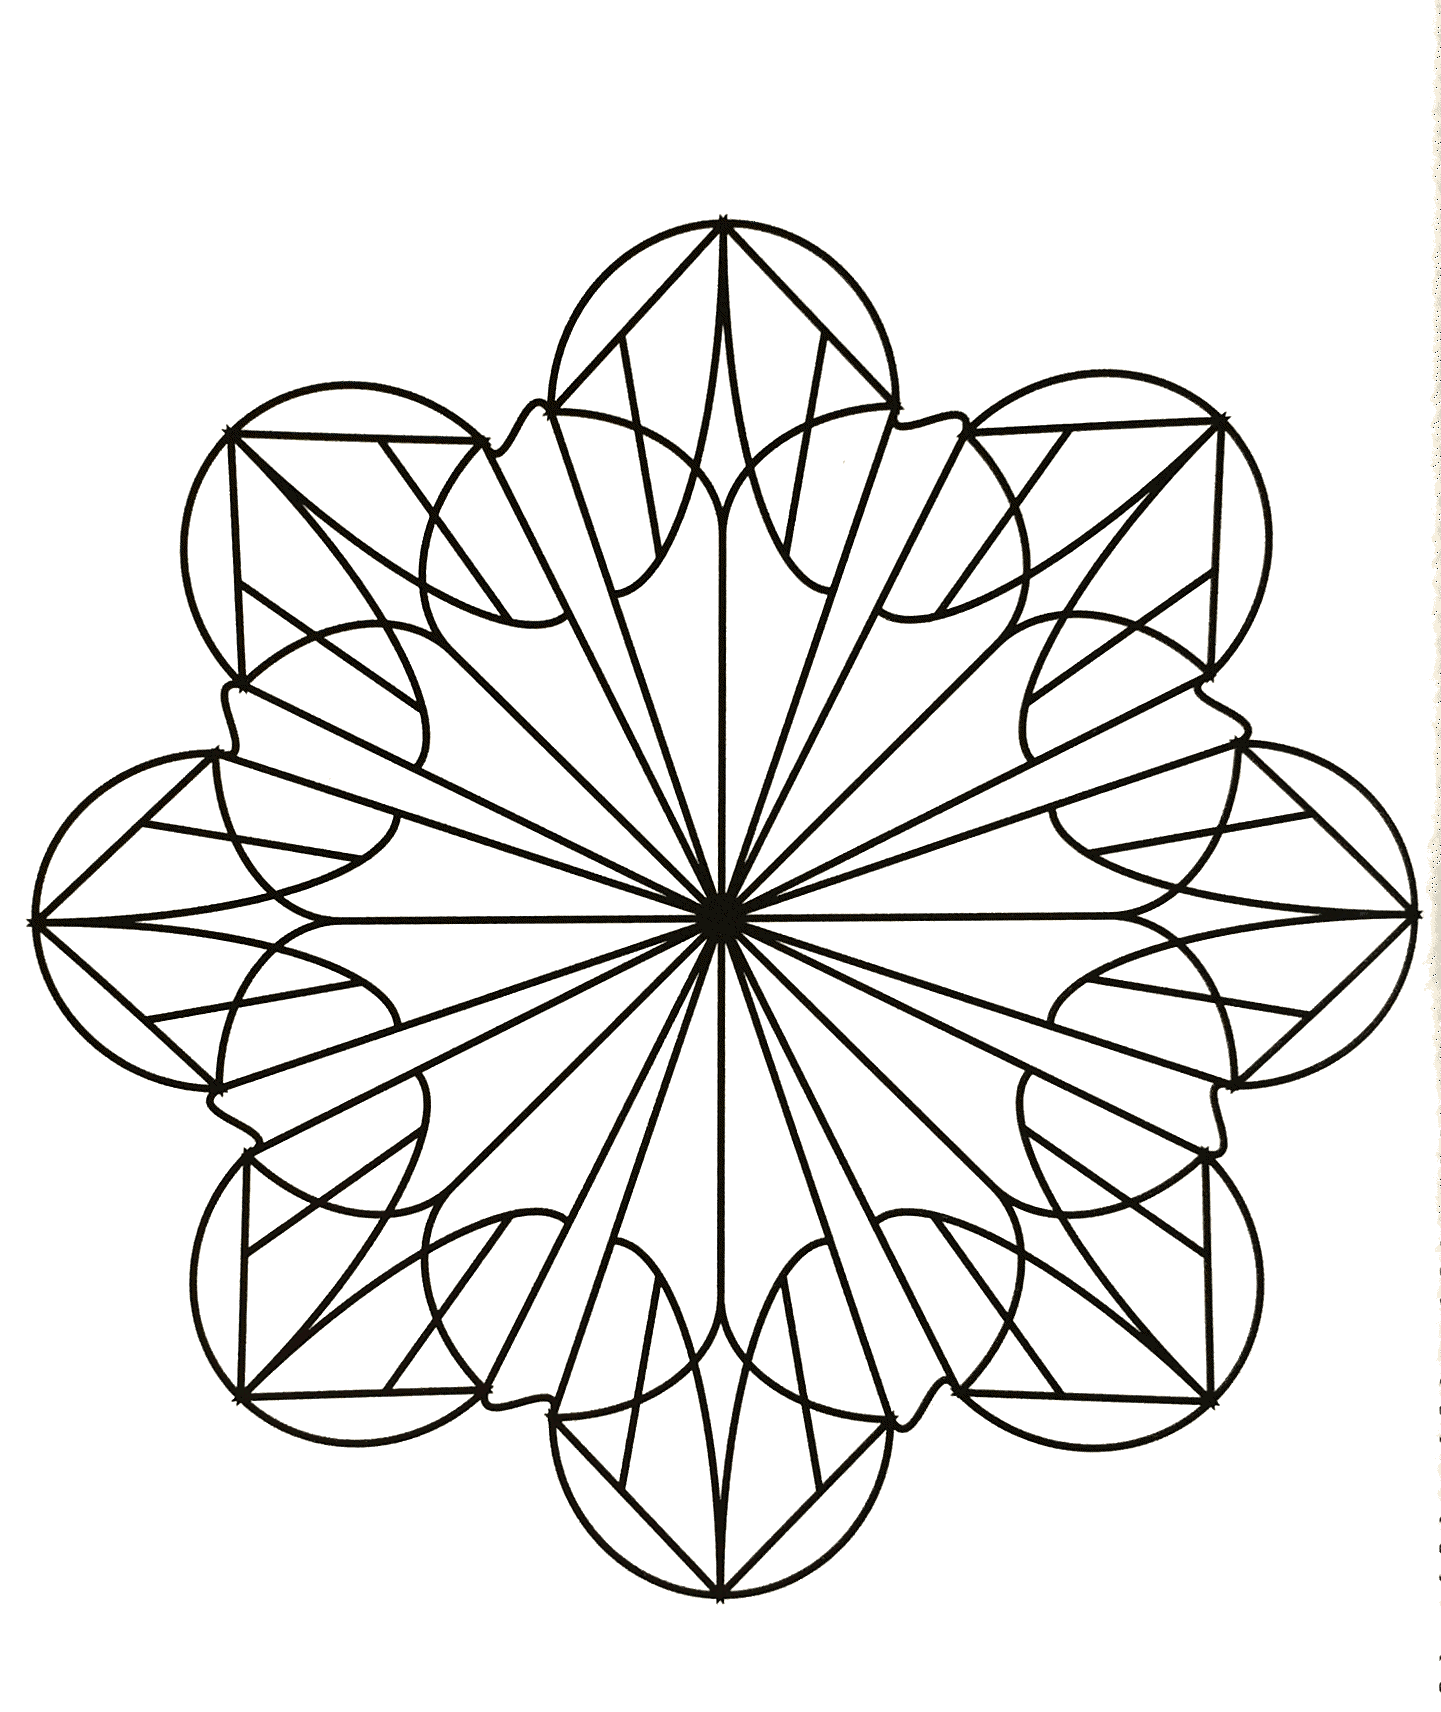 Disegni da colorare per adulti : Mandalas - 60